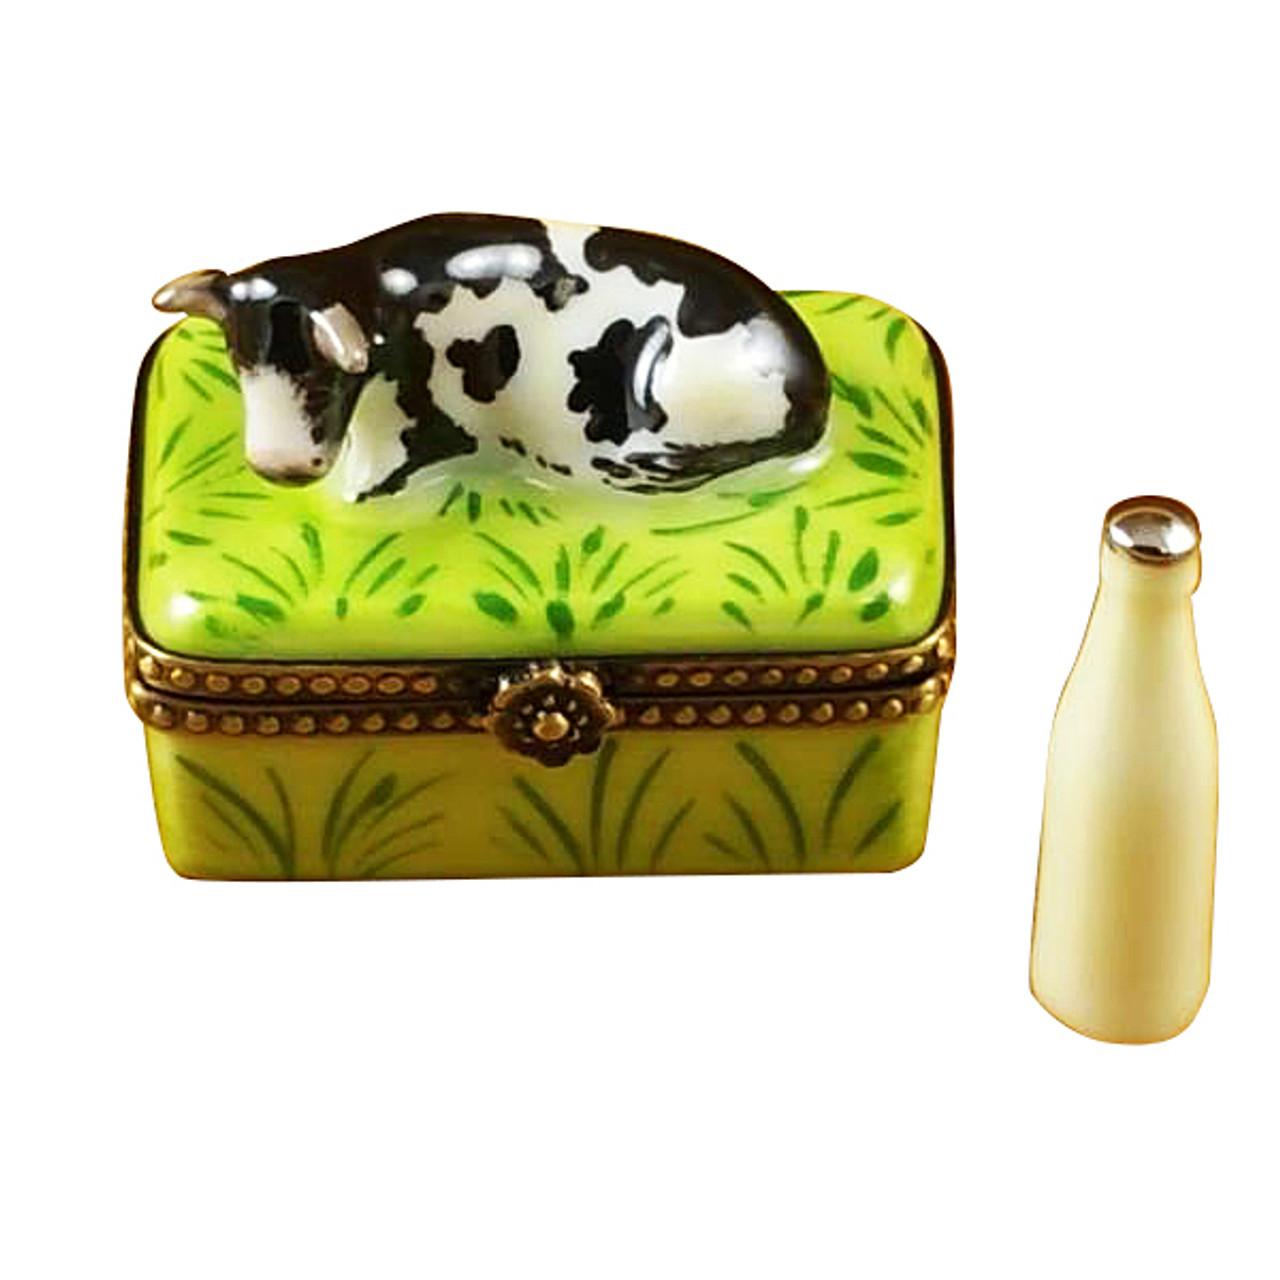 Cow W/Milk Bottle Rochard Limoges Box